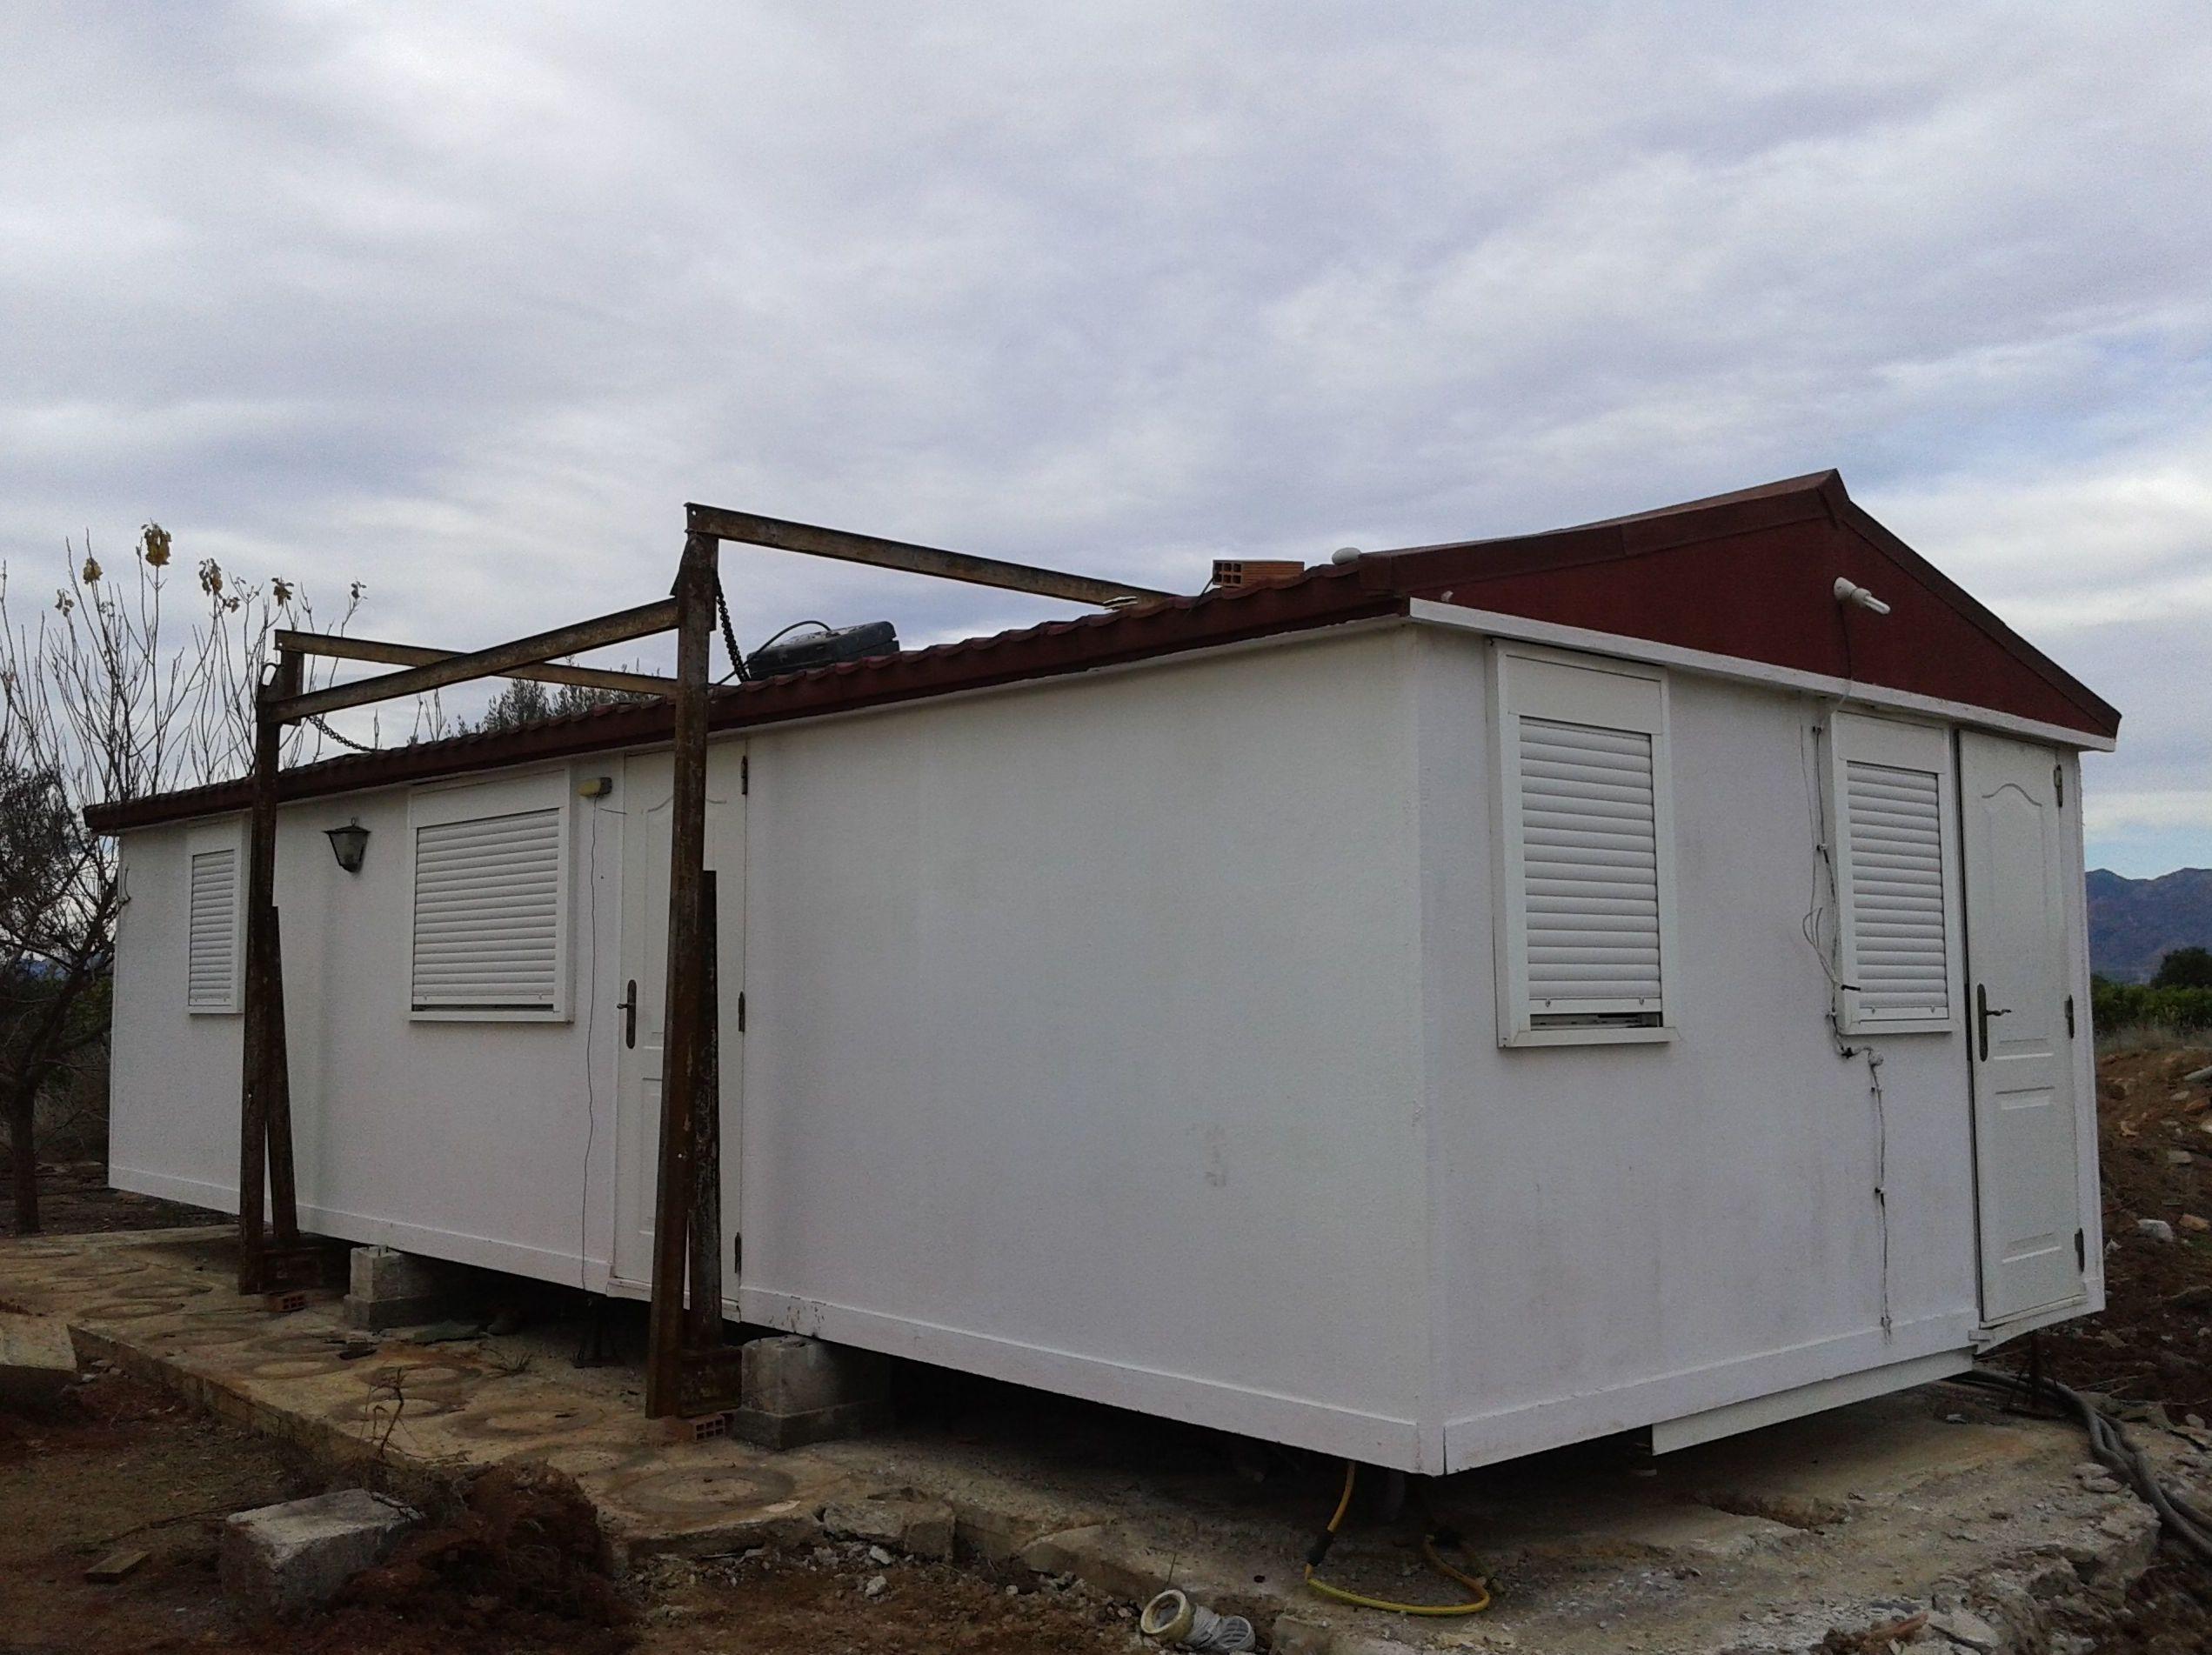 se vende casa prefabricada ,2 habitaciones, 1 baño, 1salon,  11×4metros!!